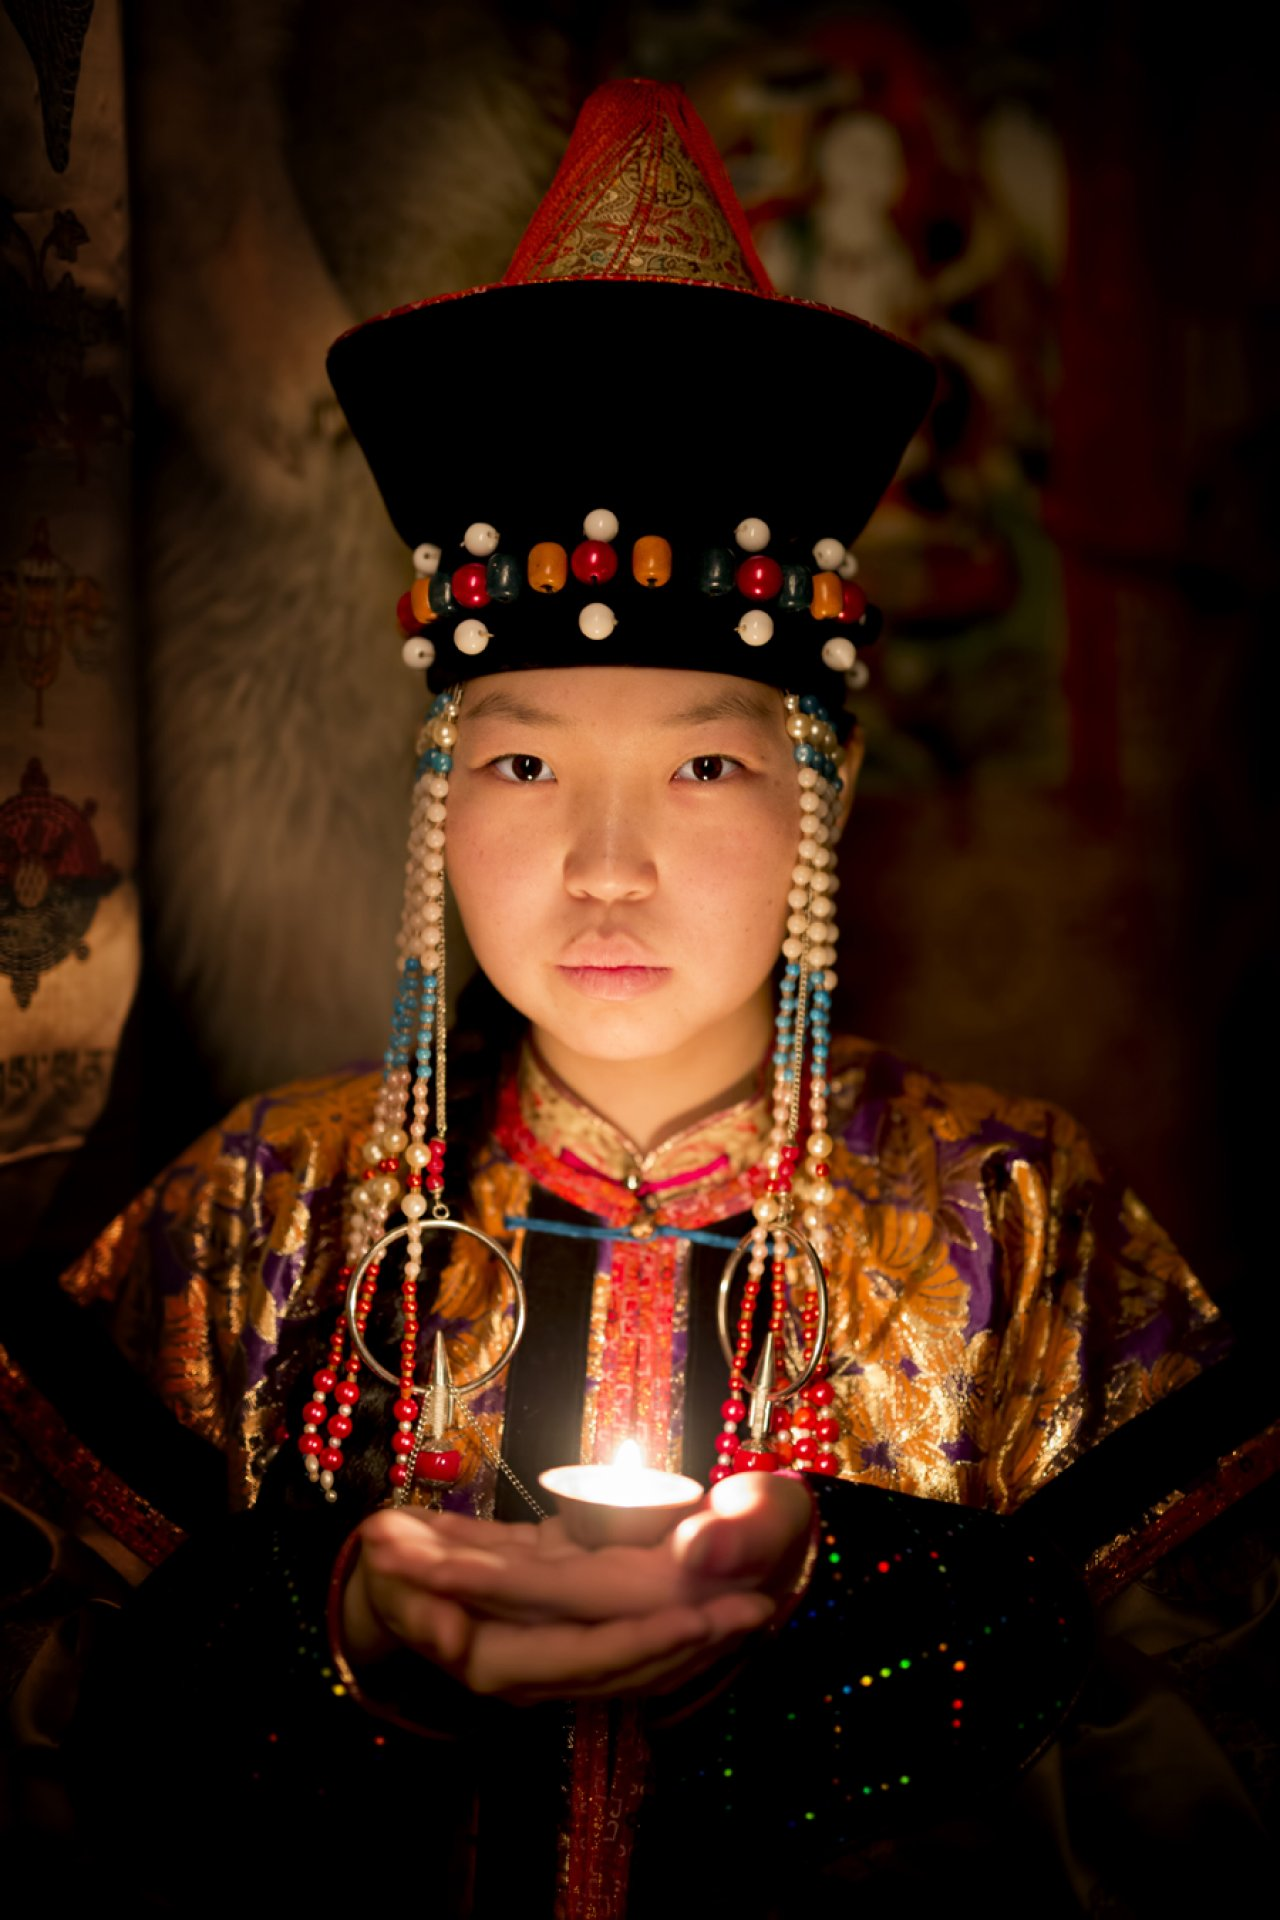 Буряты являются представителями этнических монголов. Их традиции и язык очень похожи. Они одни из немногих, кто практикует буддизм в России. Фото: © Alexander Khimushin / The World In Faces